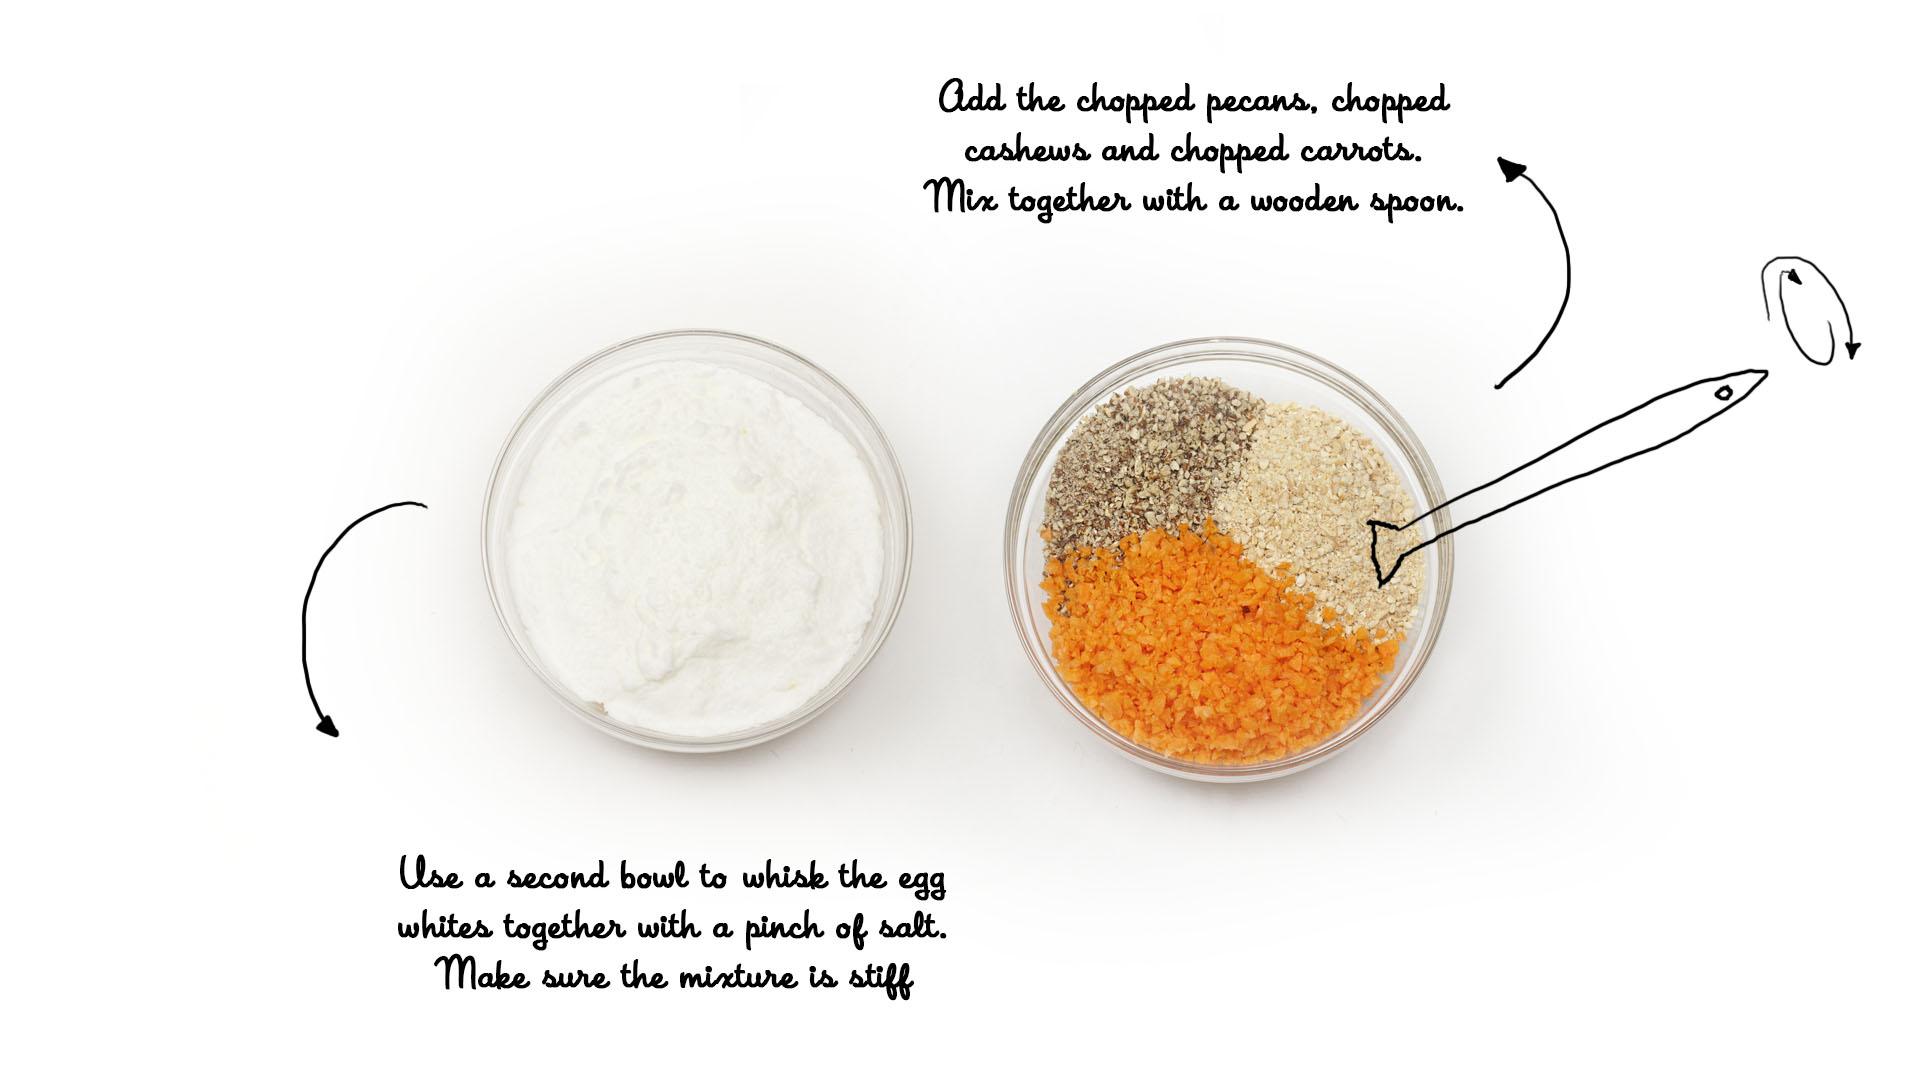 Worteltaart recept stap 2: in een aparte kom klop je het eiwit stijf en meng met de geraspte wortel en de geplette nootjes